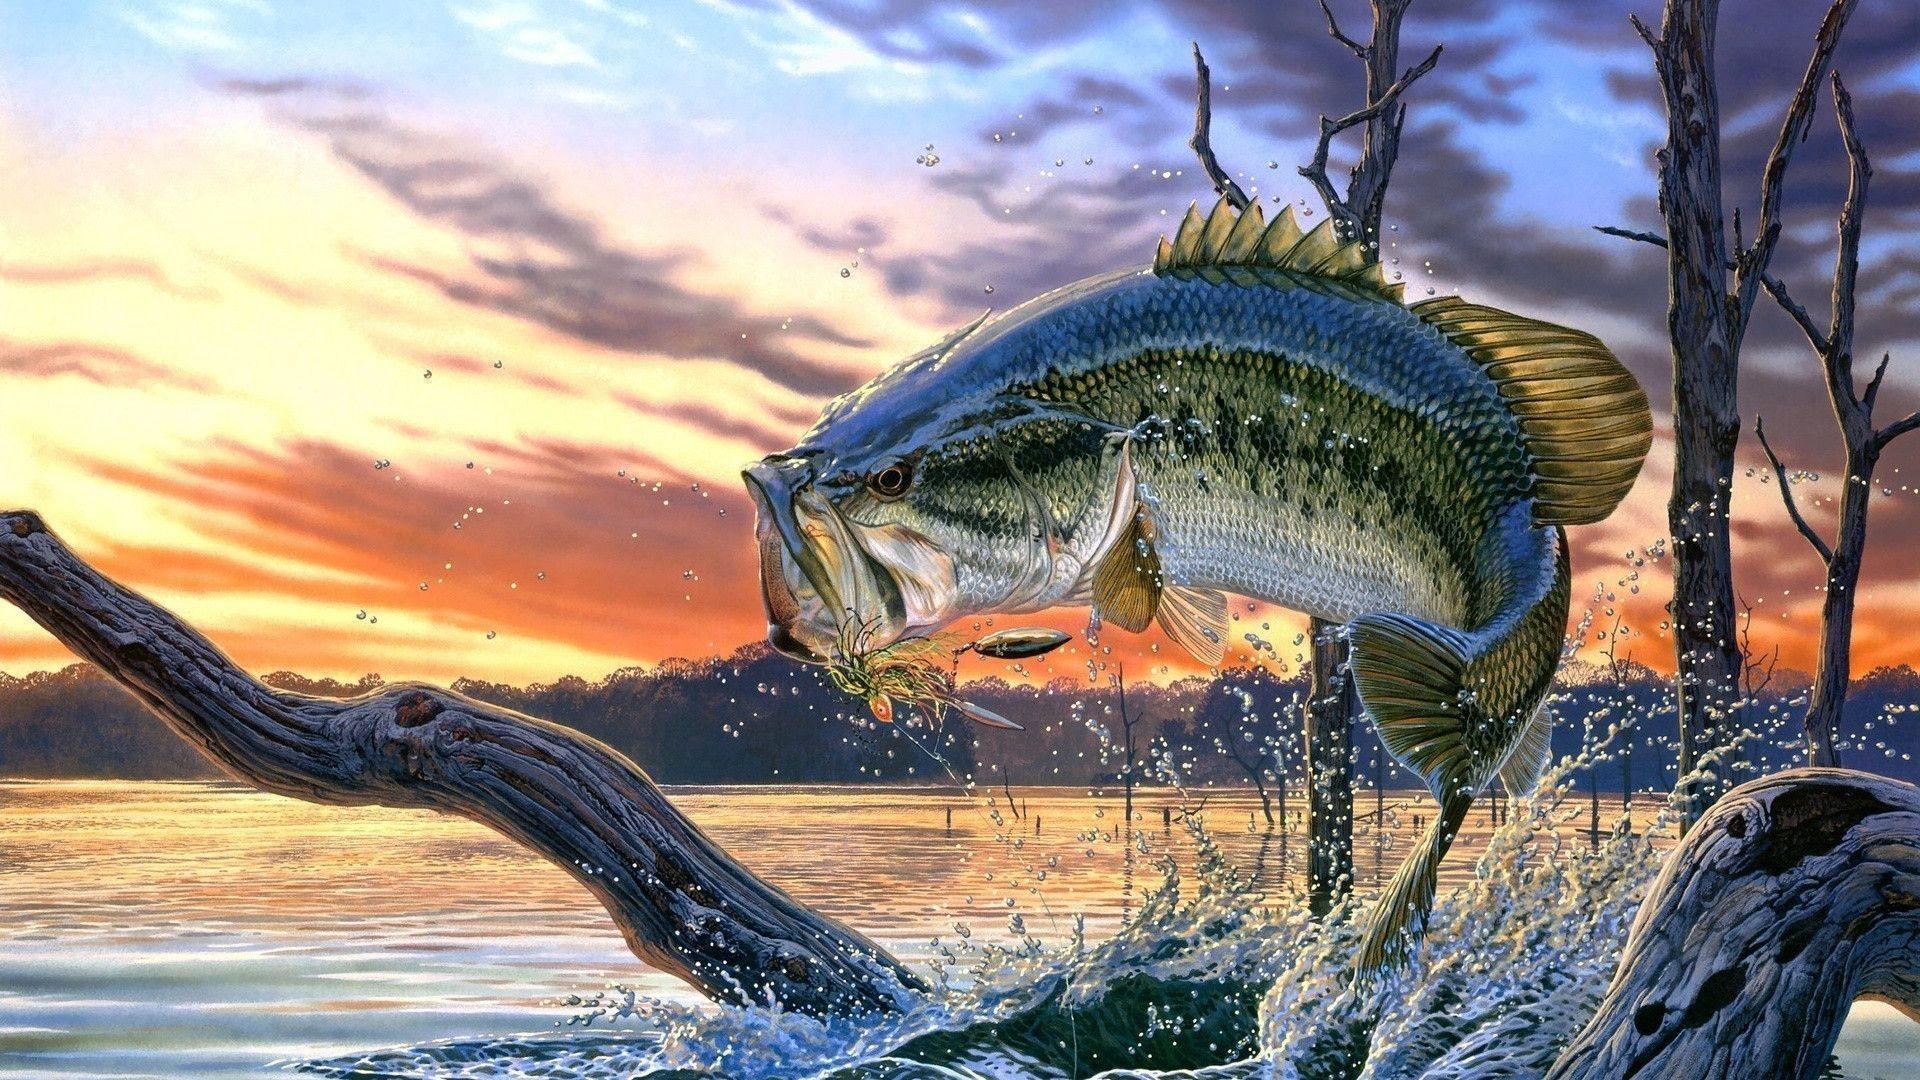 Largemouth Bass Hd Wallpaper For Desktop – Tera Wallpaper